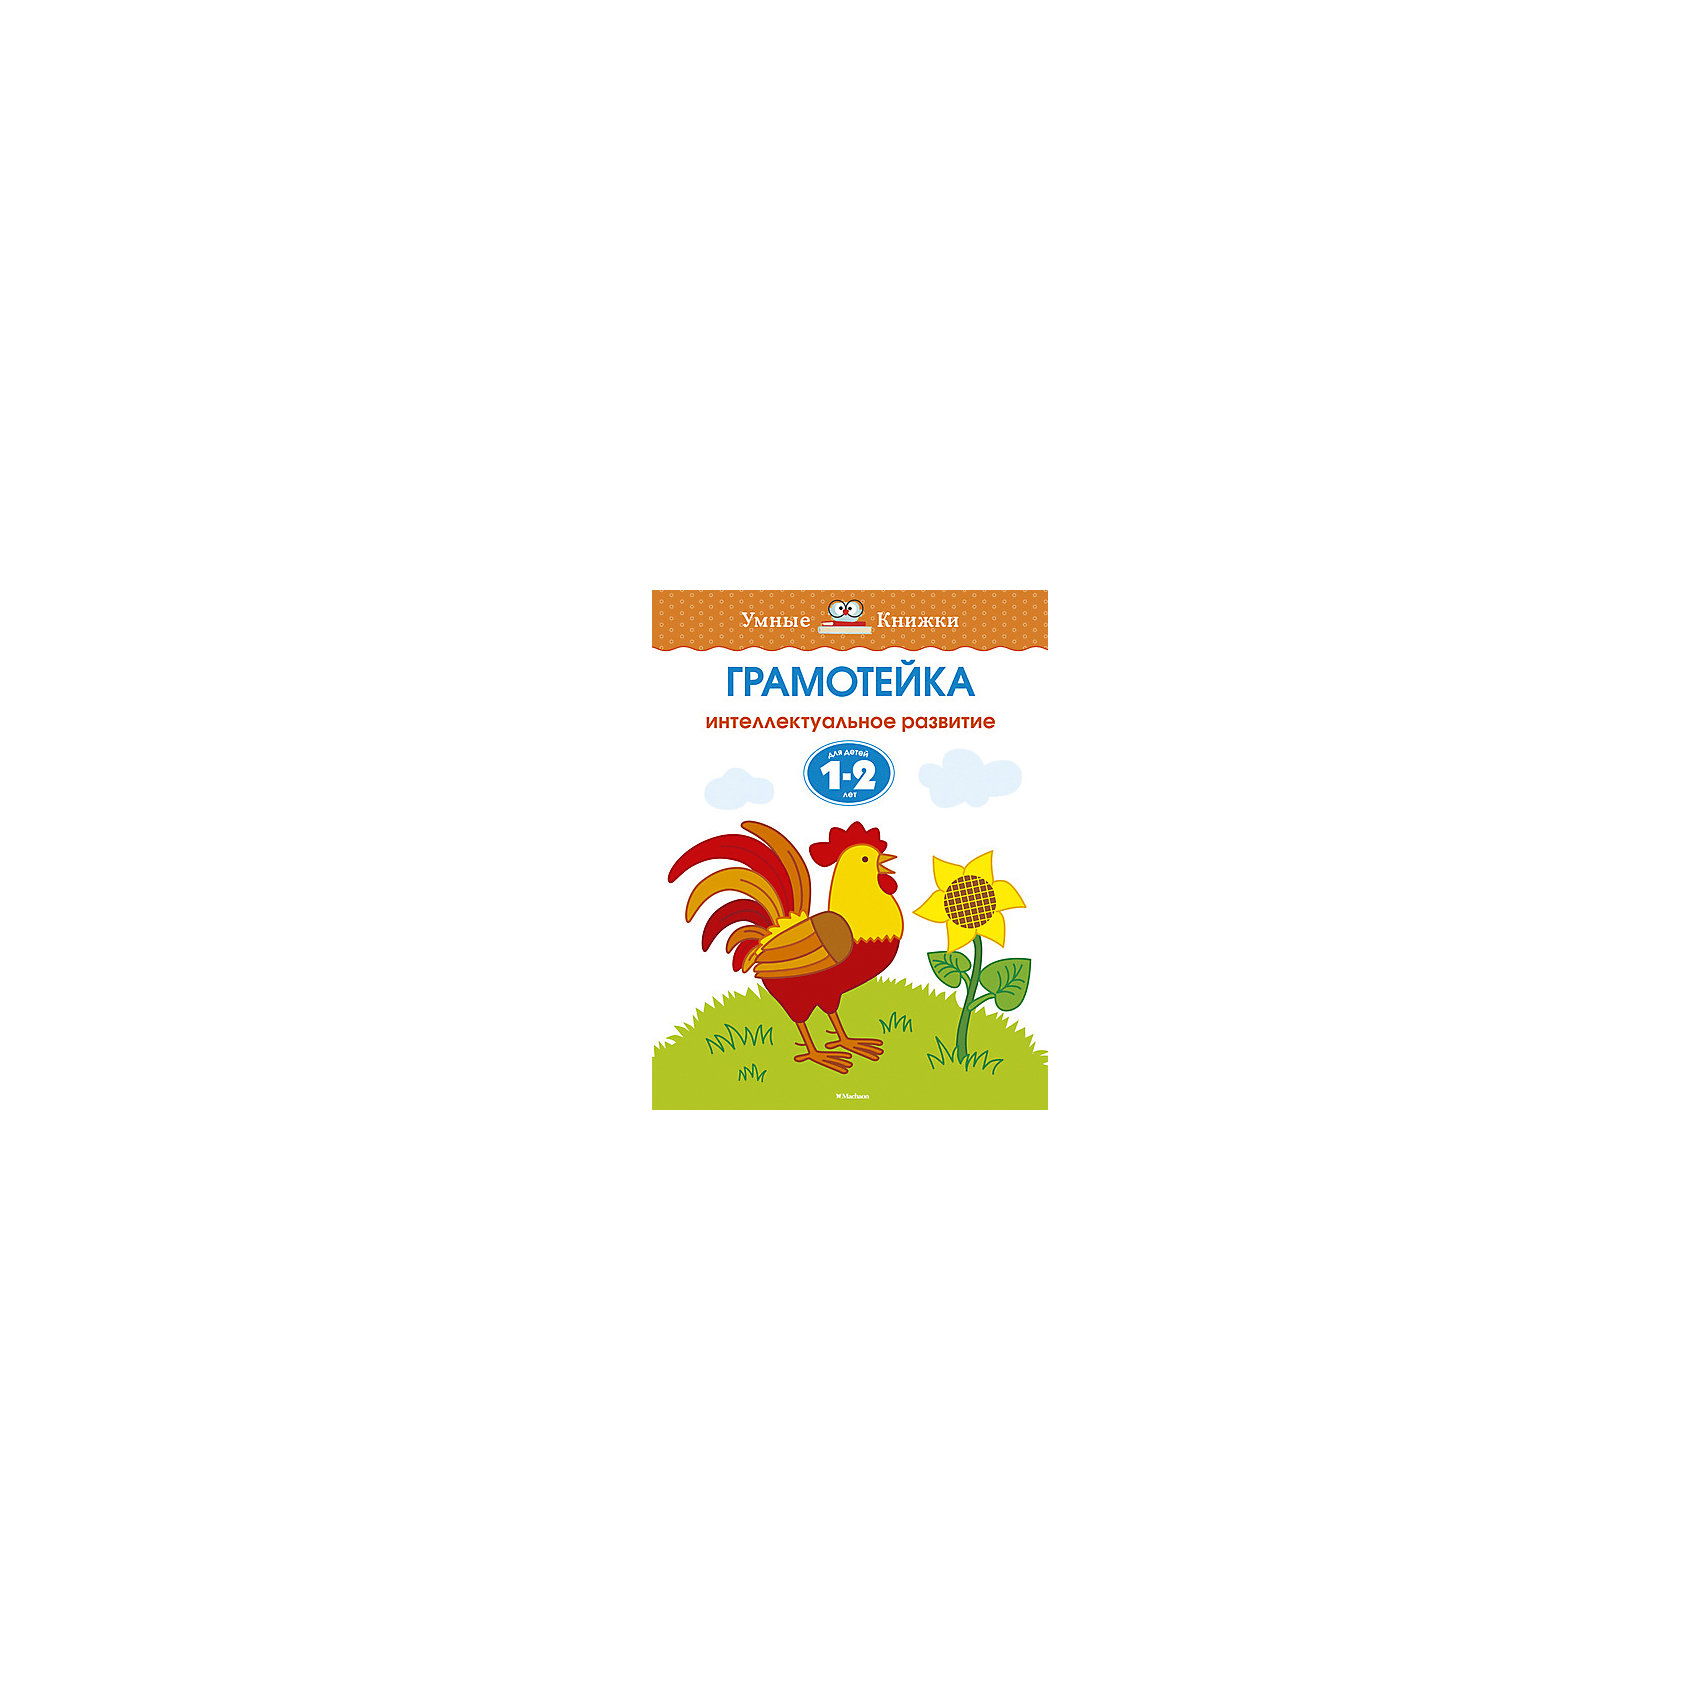 Грамотейка: Интеллектуальное развитие детей 1-2 летТесты и задания<br>Книга может быть не только развлекательной, но и обучающей! В этом издании собраны интересные задания, которые разработаны известным педагогом О.Земцовой с учетом возрастных особенностей детей.<br>Эта книга может стать отличным подарком ребенку. Это удобный формат, качественная бумага, прекрасные иллюстрации. Родители сами могут заминаться с детьми по этому пособию, уделяя ему до двадцати минут в день. Издание поможет ребенку развить разные навыки: речь, счет, логику, внимательность и мелкую моторику. Книга произведена из качественных и безопасных для детей материалов.<br><br>Дополнительная информация:<br><br>страниц: 80;<br>мягкая обложка;<br>формат: 21 х 29 см.<br><br>Книгу Грамотейка: Интеллектуальное развитие детей 1-2 лет можно купить в нашем магазине.<br><br>Ширина мм: 255<br>Глубина мм: 195<br>Высота мм: 7<br>Вес г: 186<br>Возраст от месяцев: 12<br>Возраст до месяцев: 36<br>Пол: Унисекс<br>Возраст: Детский<br>SKU: 4975157